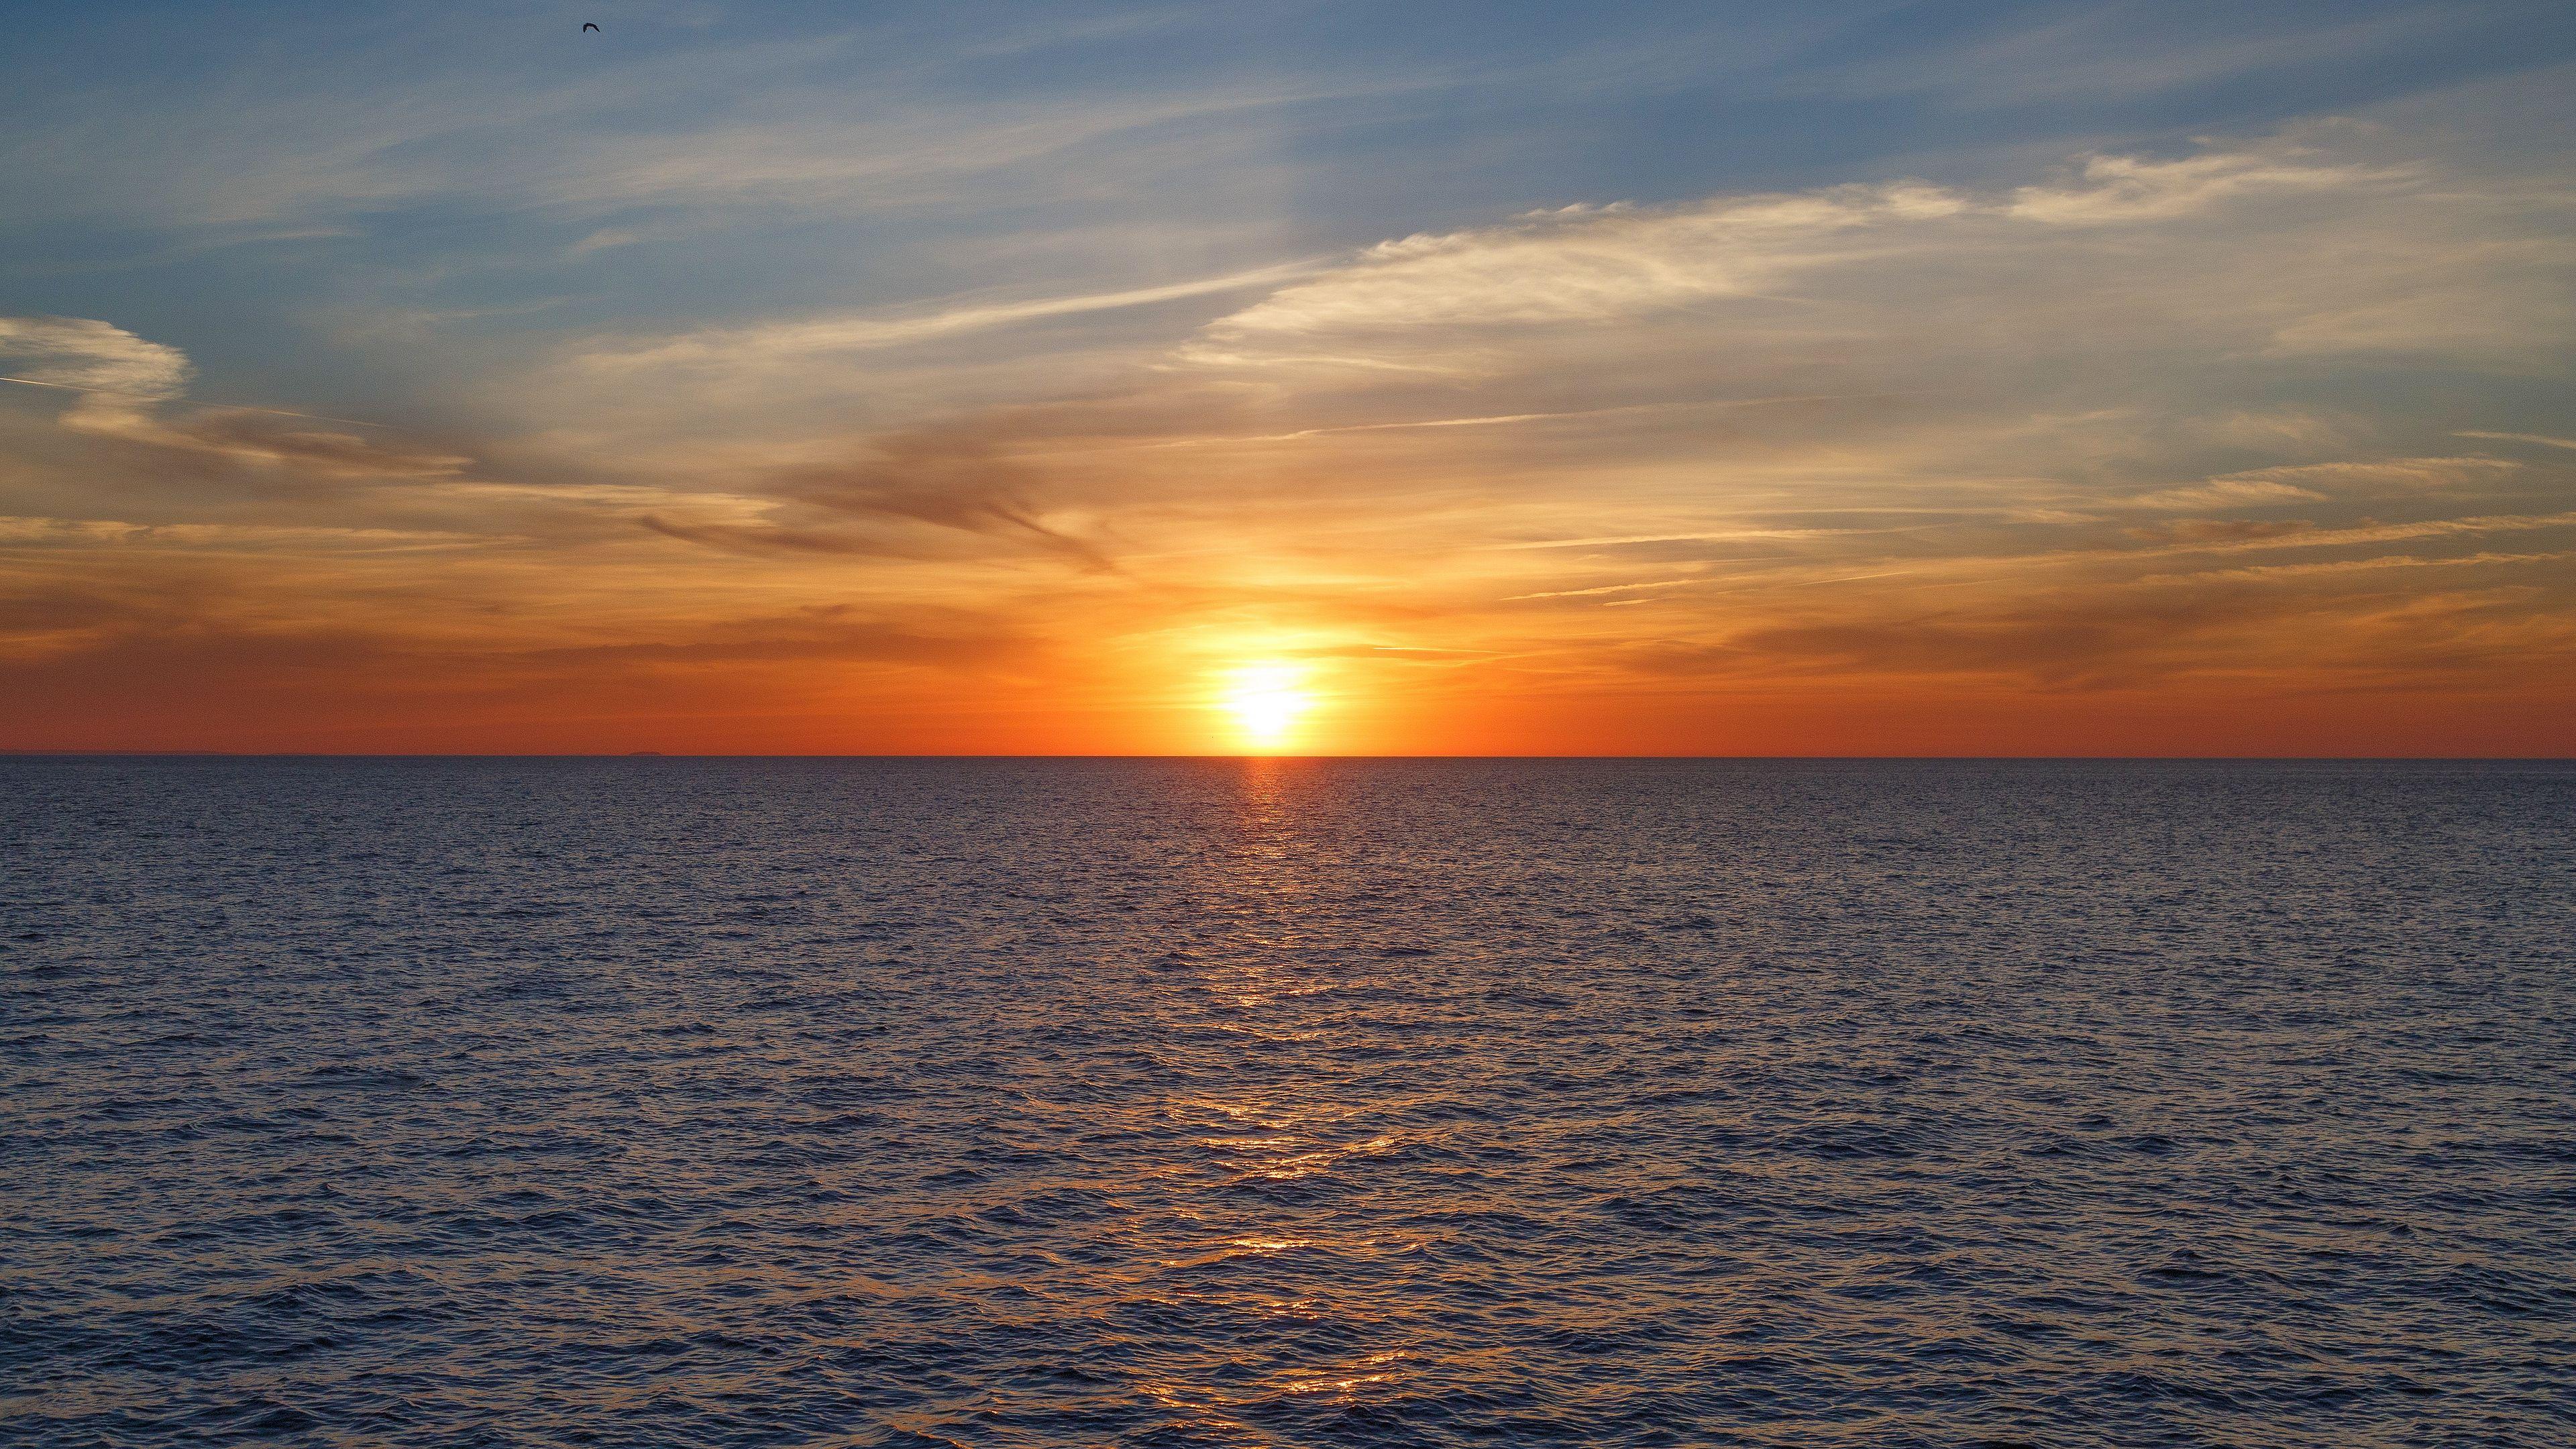 Sunset Sea Sky Clouds 4k Sunset Sky Sea Sunset Clouds Sky Hd wallpaper sea sunset clouds sky